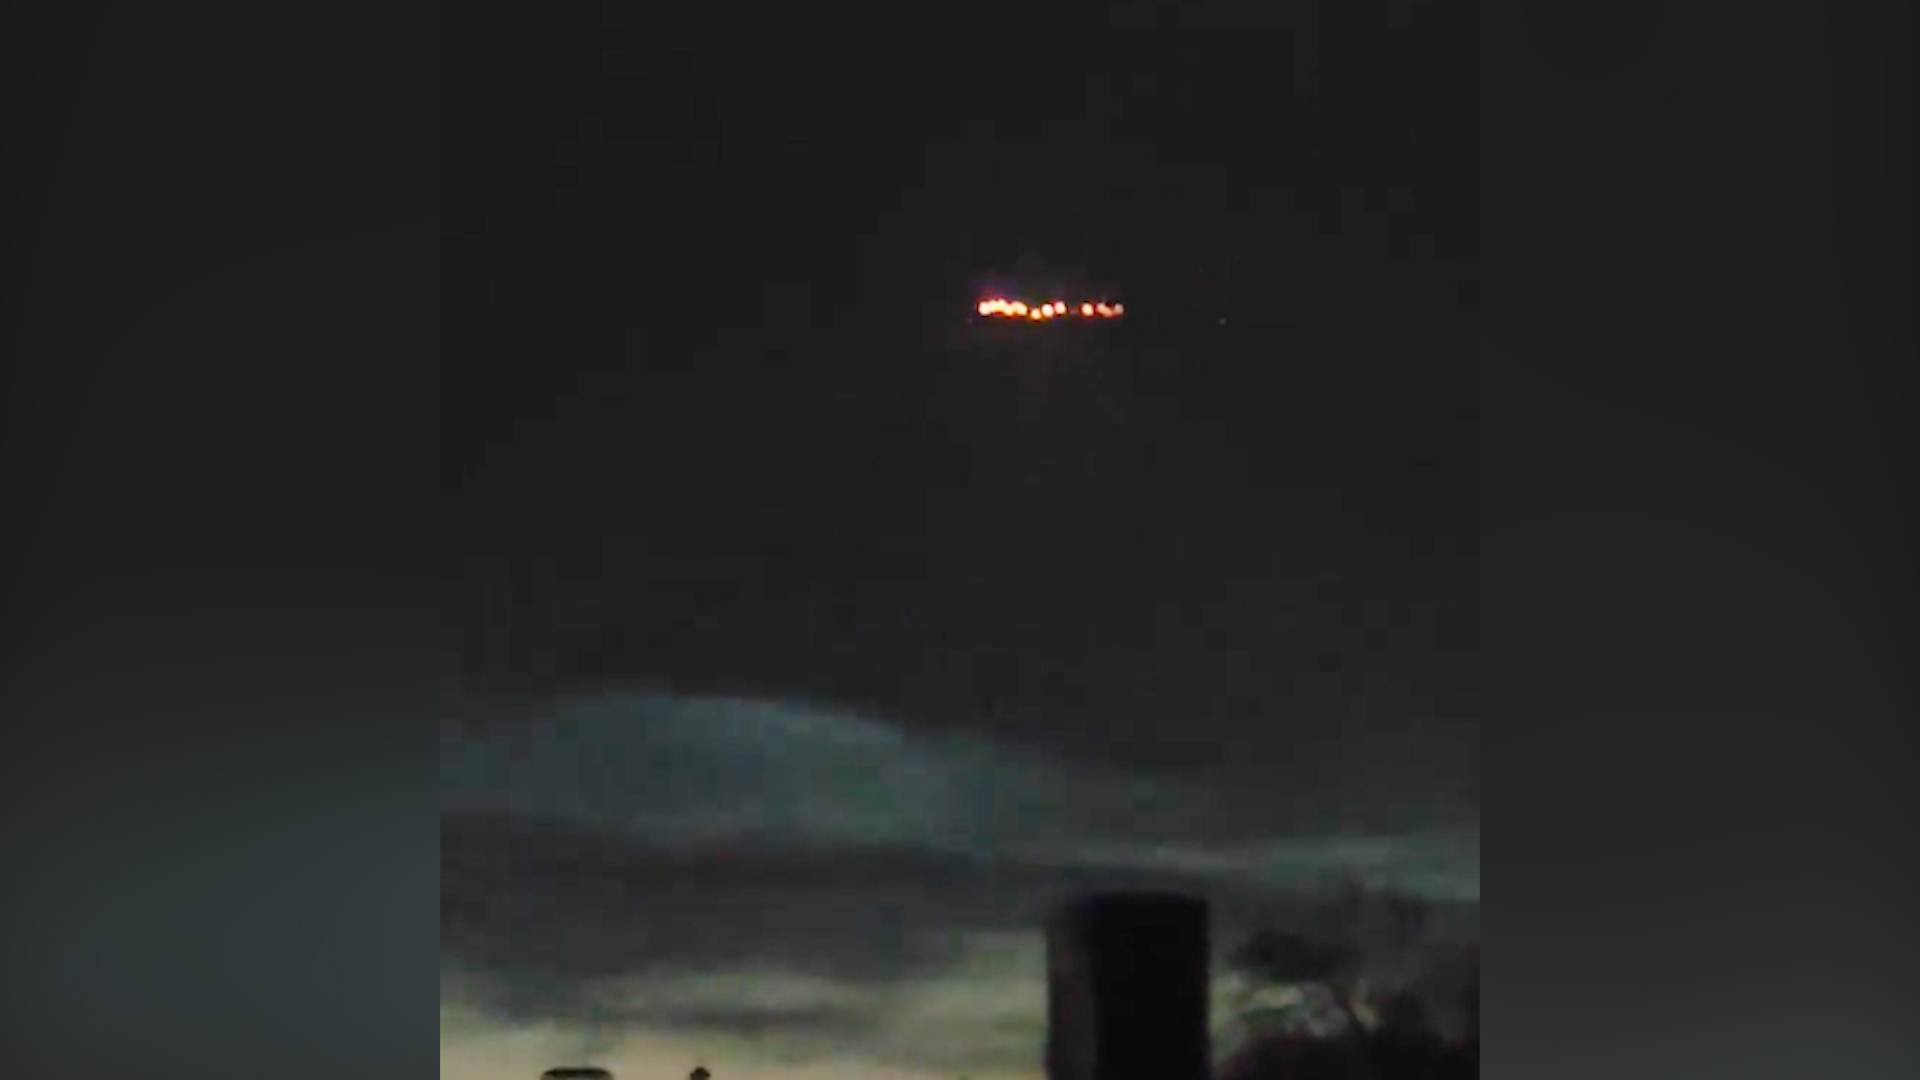 Жителей Ростова-на-Дону испугали яркие огни в небе, но всё оказалось прозаично — видео